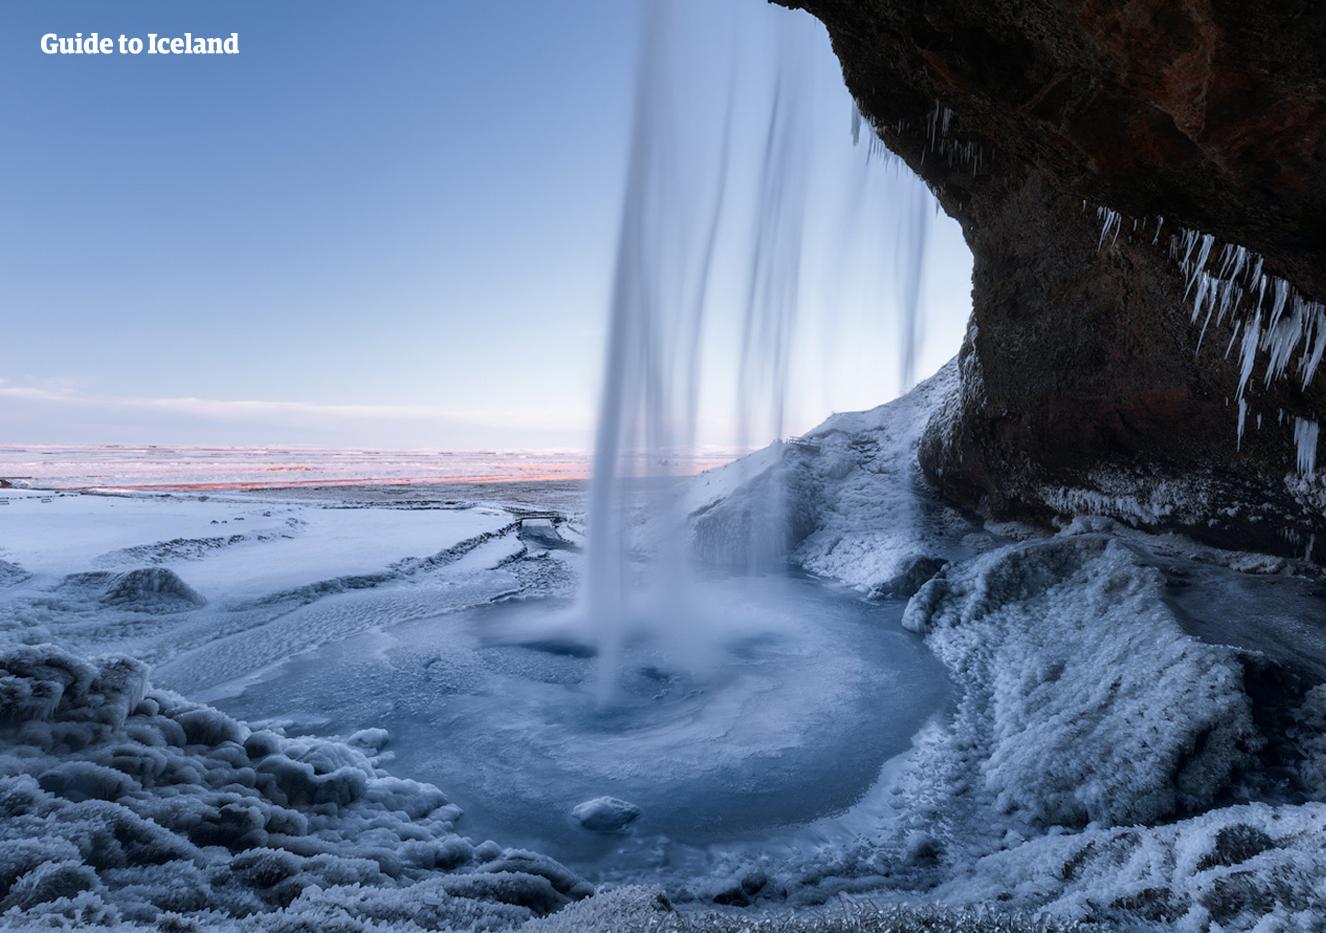 Geniet van het uitzicht van achter het vallende bronwater van de waterval Seljalandsfoss aan de zuidkust.